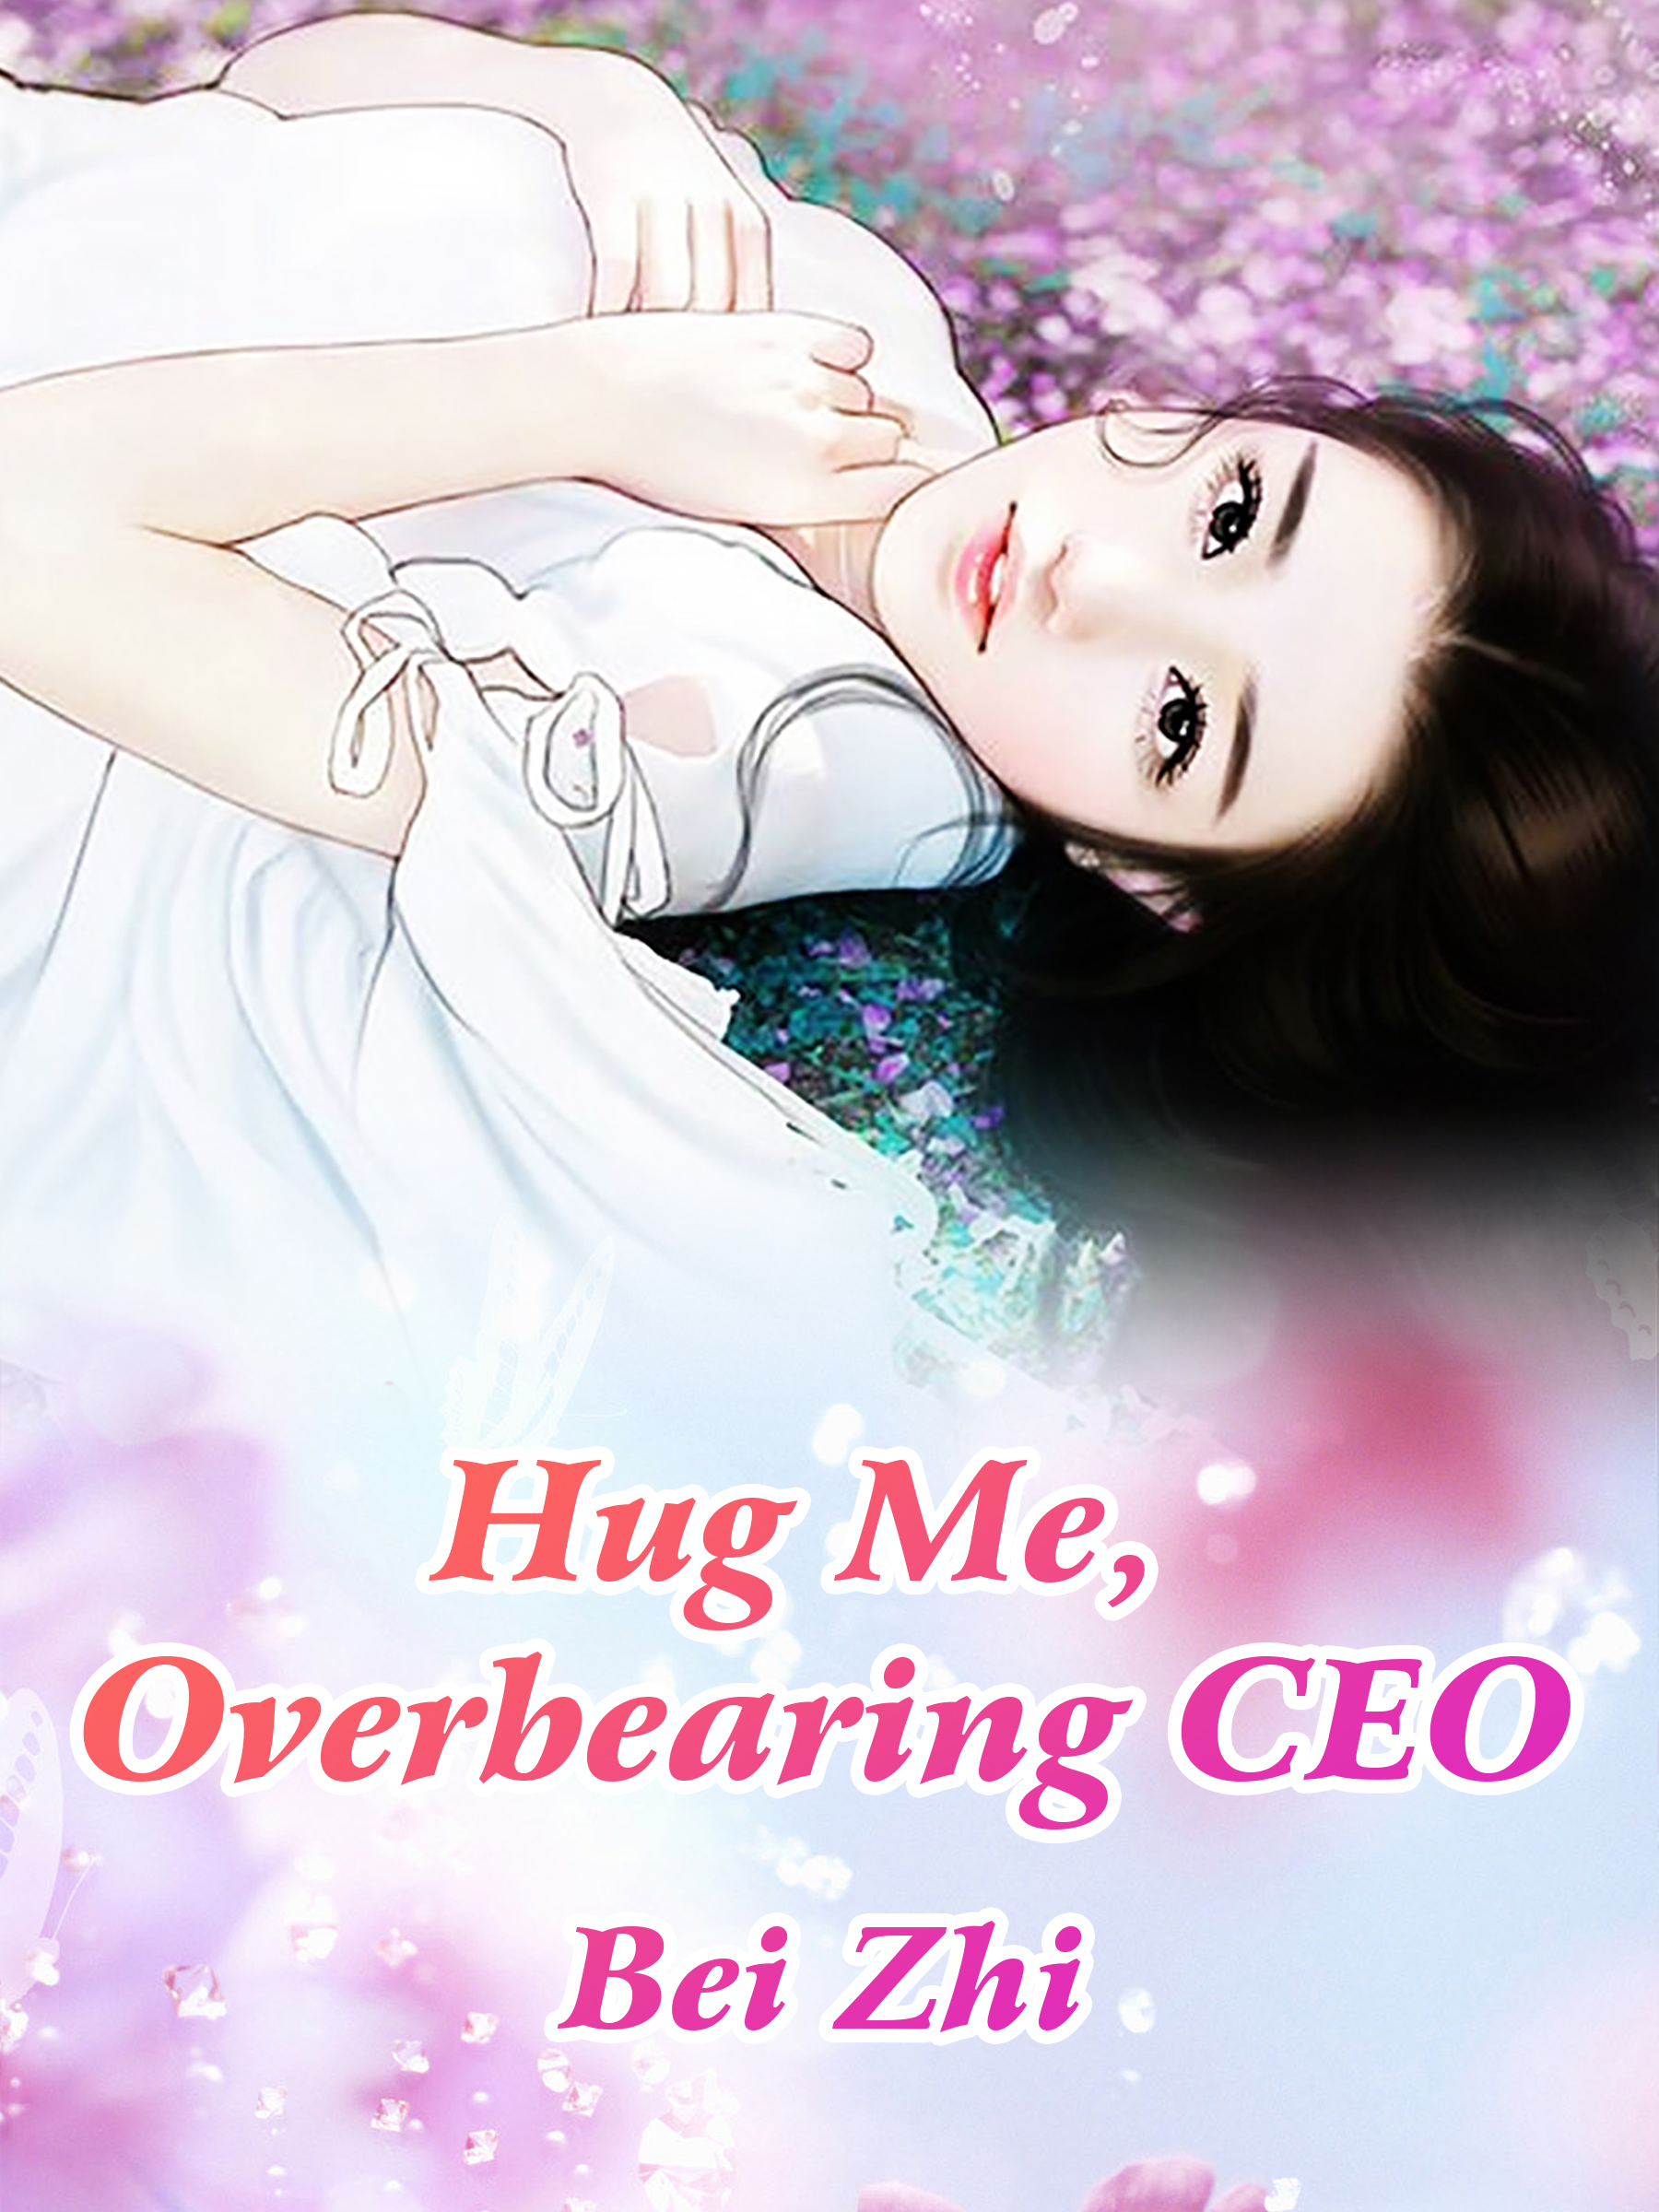 Hug Me, Overbearing CEO Novel Chapter 31 To 35 PDF